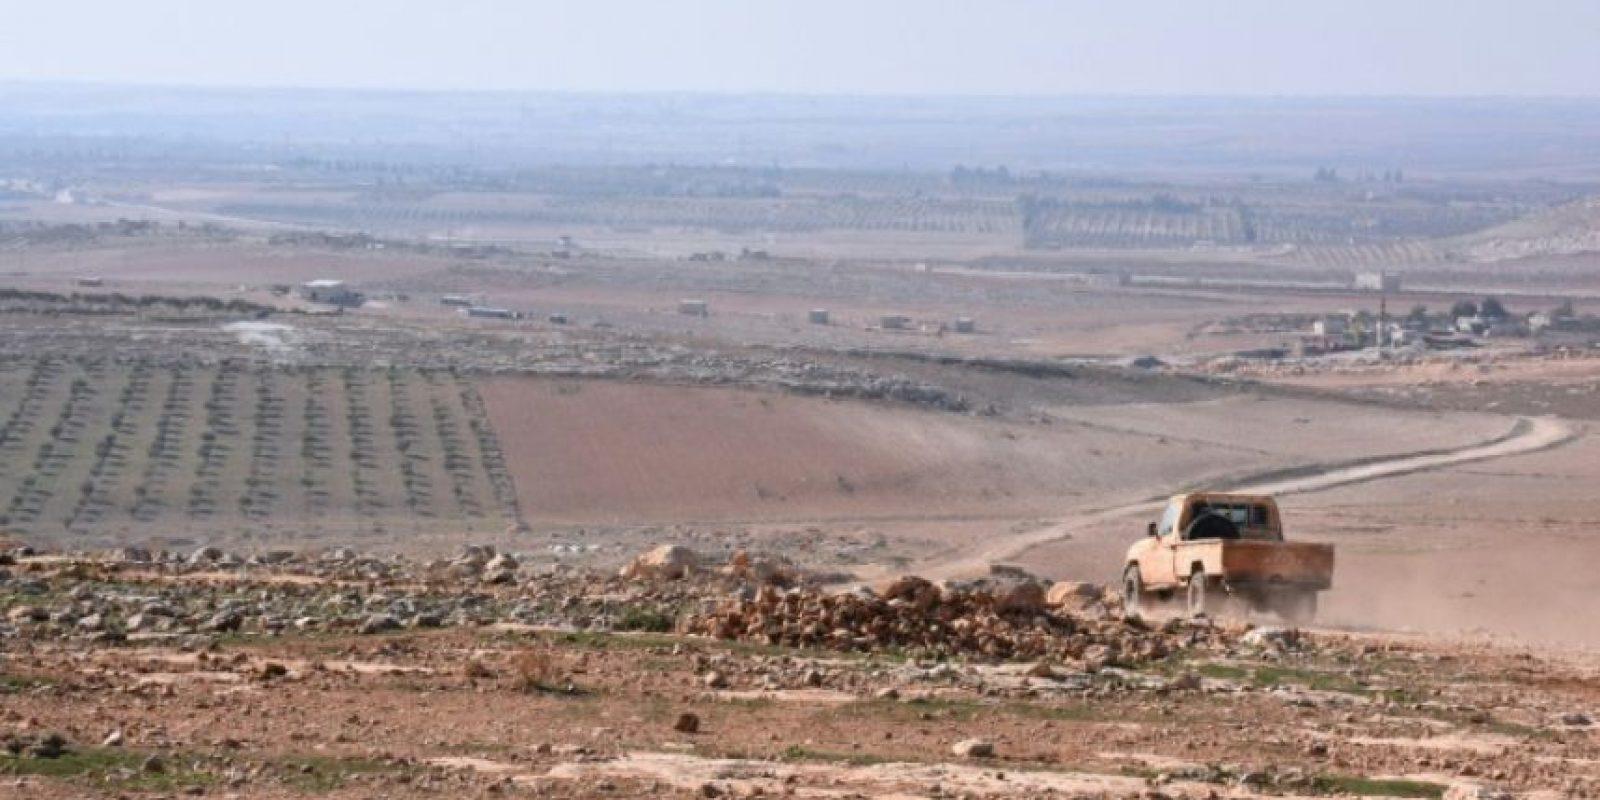 Las fuerzas gubernamentales sirias avanzan en la recapturada ciudad de Juba durante una ofensiva hacia Al Bab, en la provincia de Alepo, el 25 de noviembre de 2016 Foto:George Ourfalian/afp.com